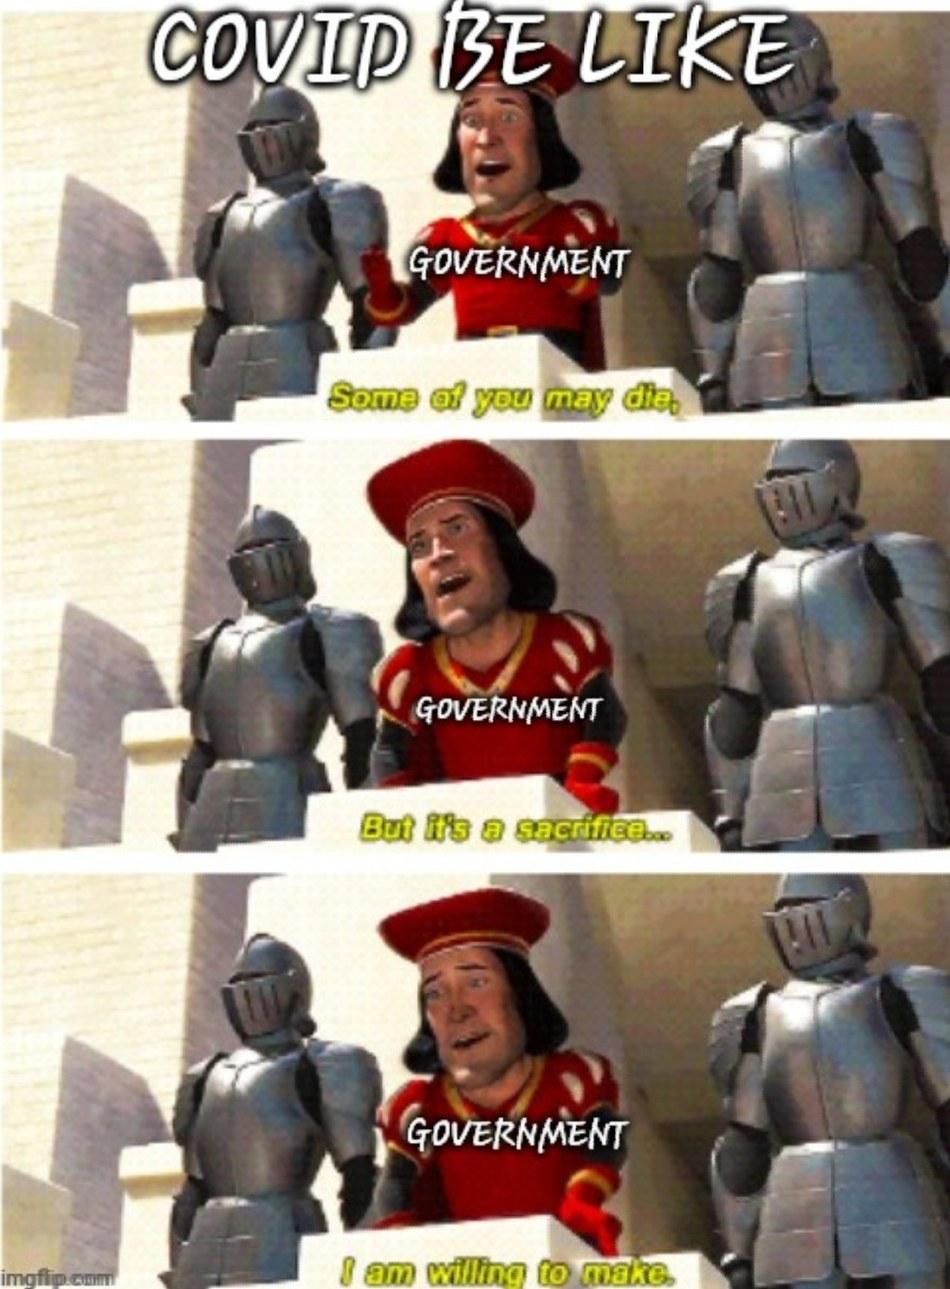 Covid be like - meme